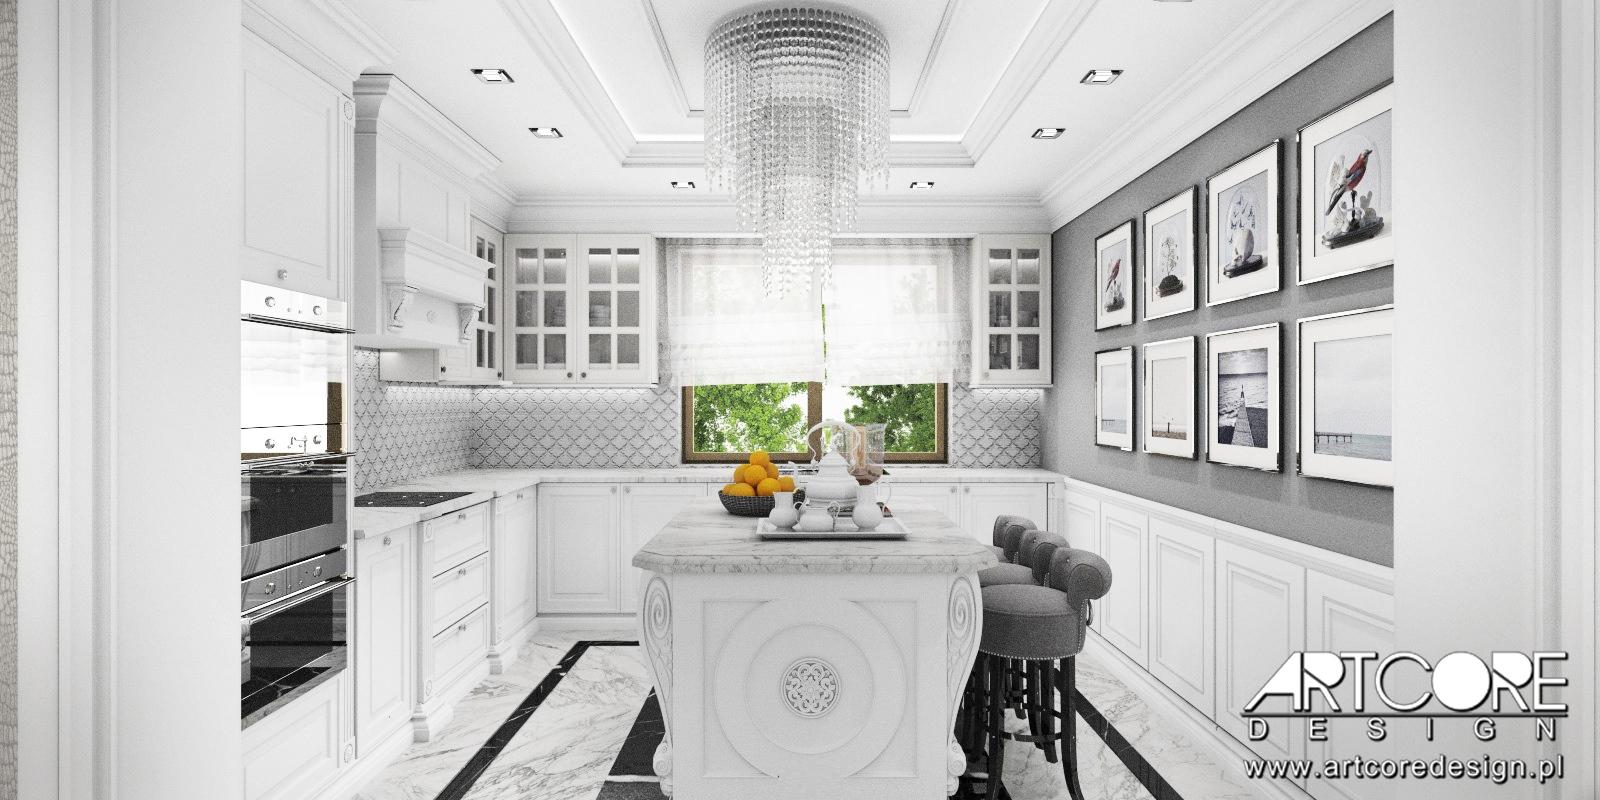 Kuchnia W Stylu Amerykanskim Niezwykle Wnetrze Domu Artcore Design